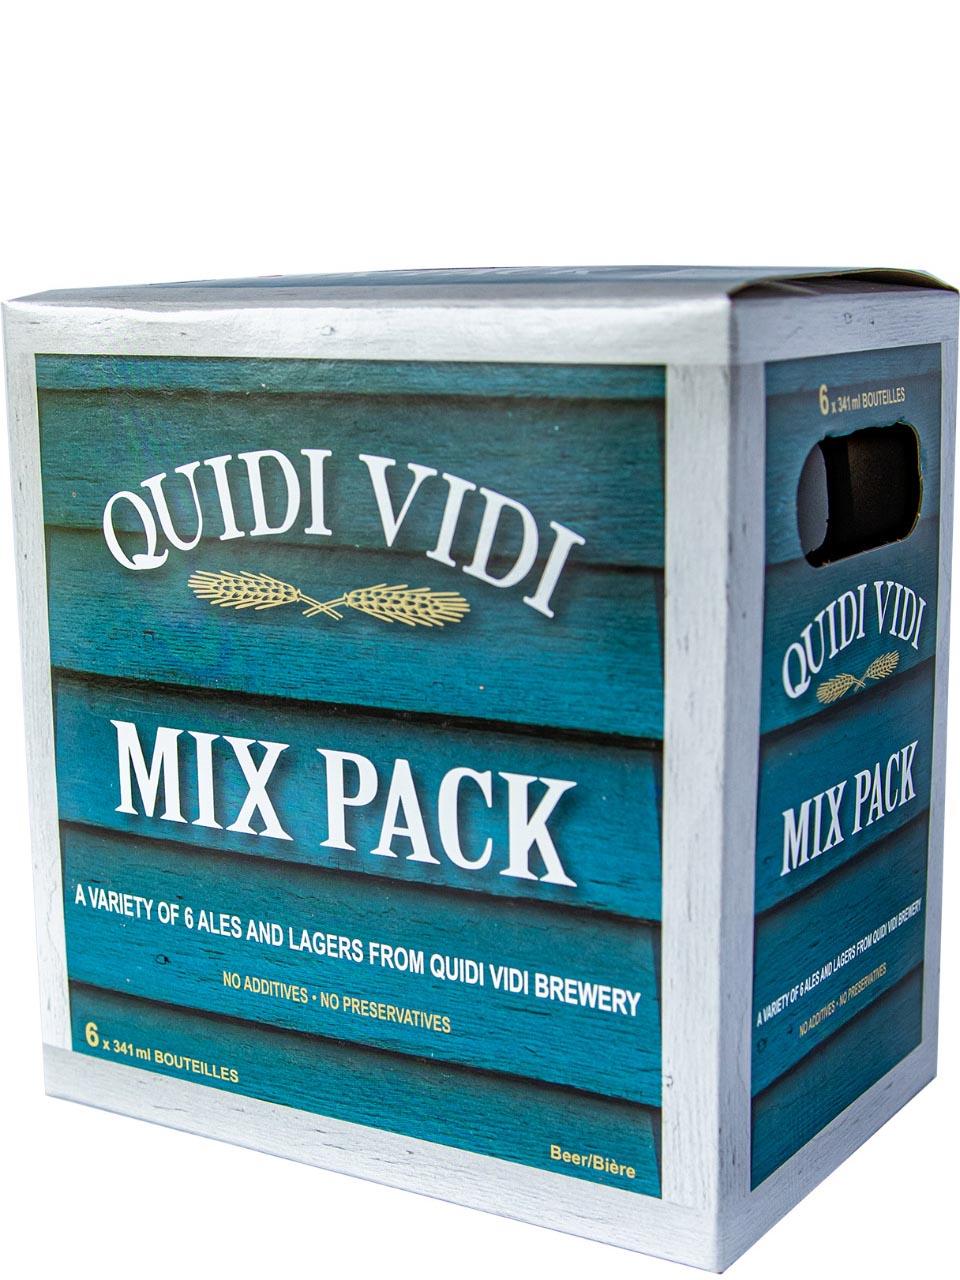 Quidi Vidi Mix Pack 6 Pack Bottles